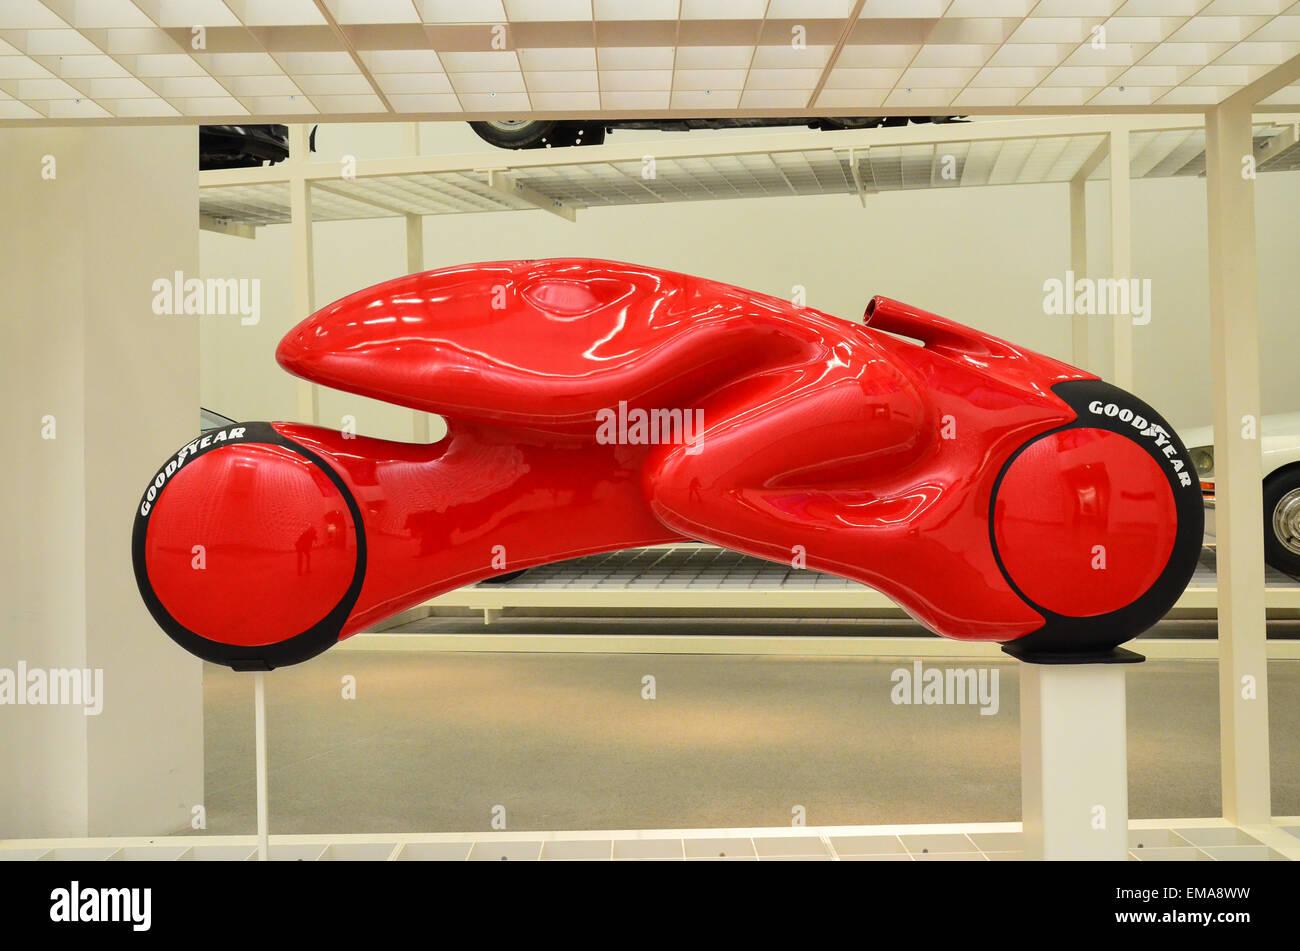 Luigi Colani aerodynamical del diseño conceptual de una moto en el Museo Internacional de Diseño de Múnich Imagen De Stock